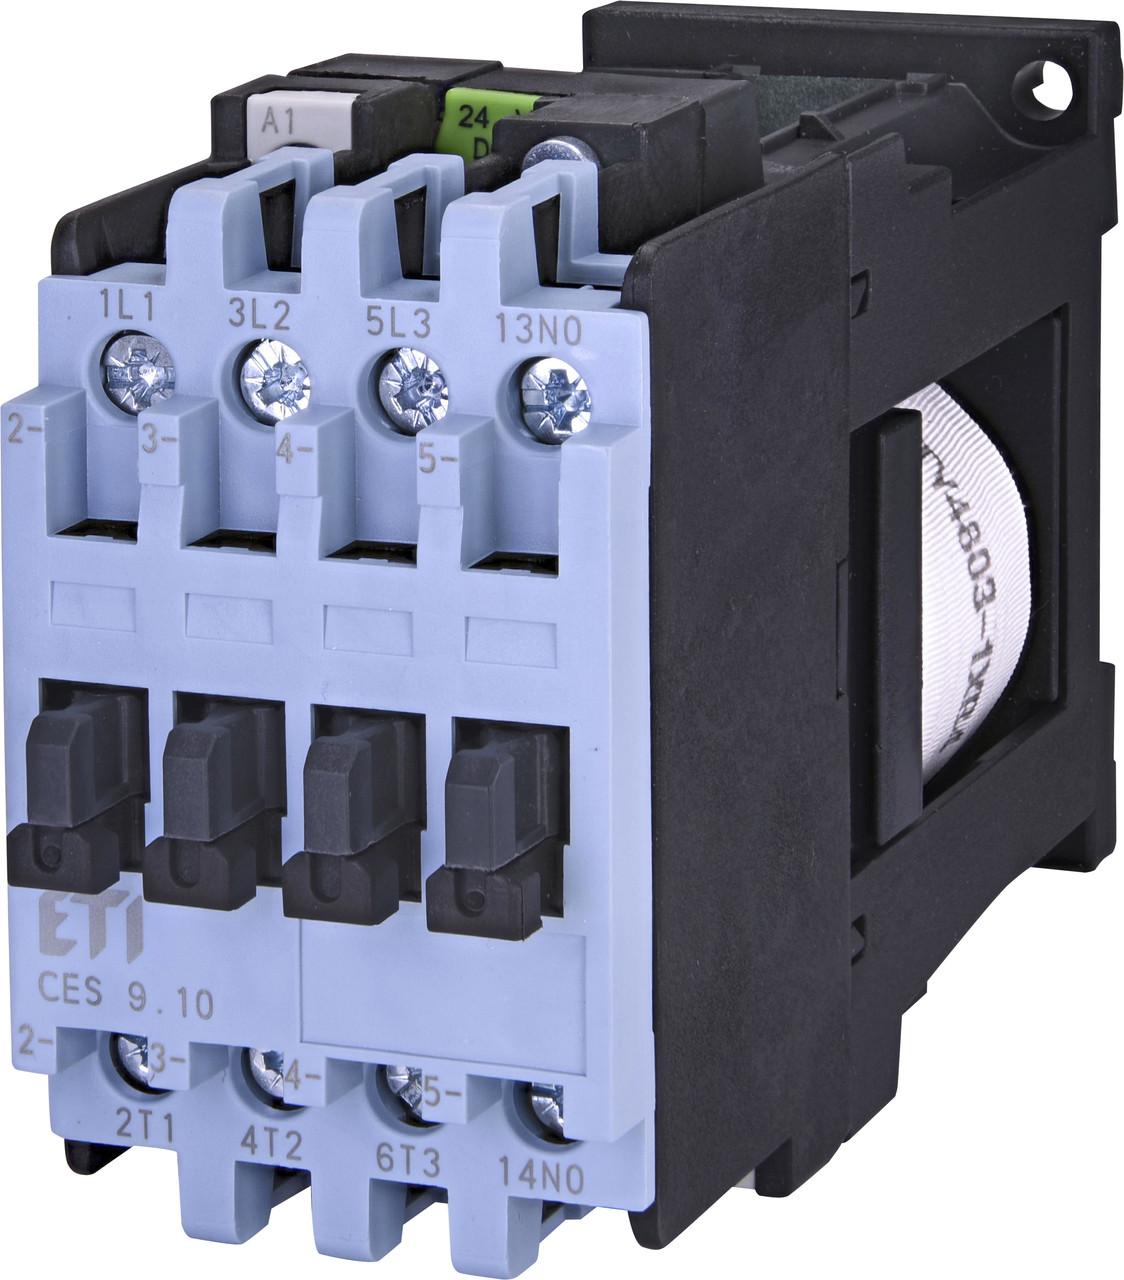 Контактор силовой ETI CES 9.10 9А 24V DC 3NO+1NO 4kW 4646514 (на DIN-рейку, 25A AC1, 9A AC3)